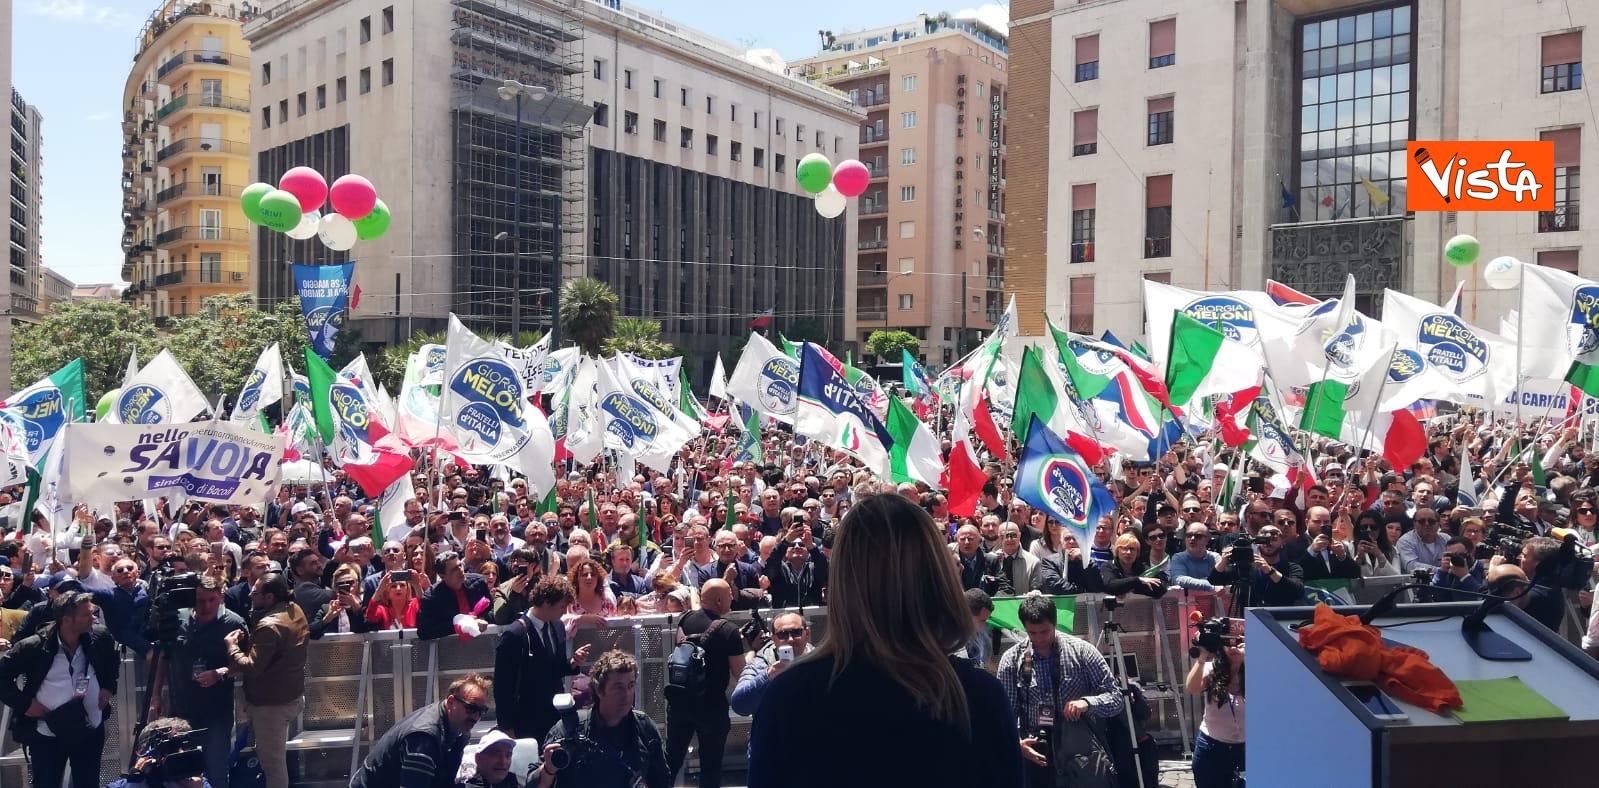 19-05-19 Europee Meloni chiude campagna elettorale a Napoli il comizio in piazza Matteotti_05